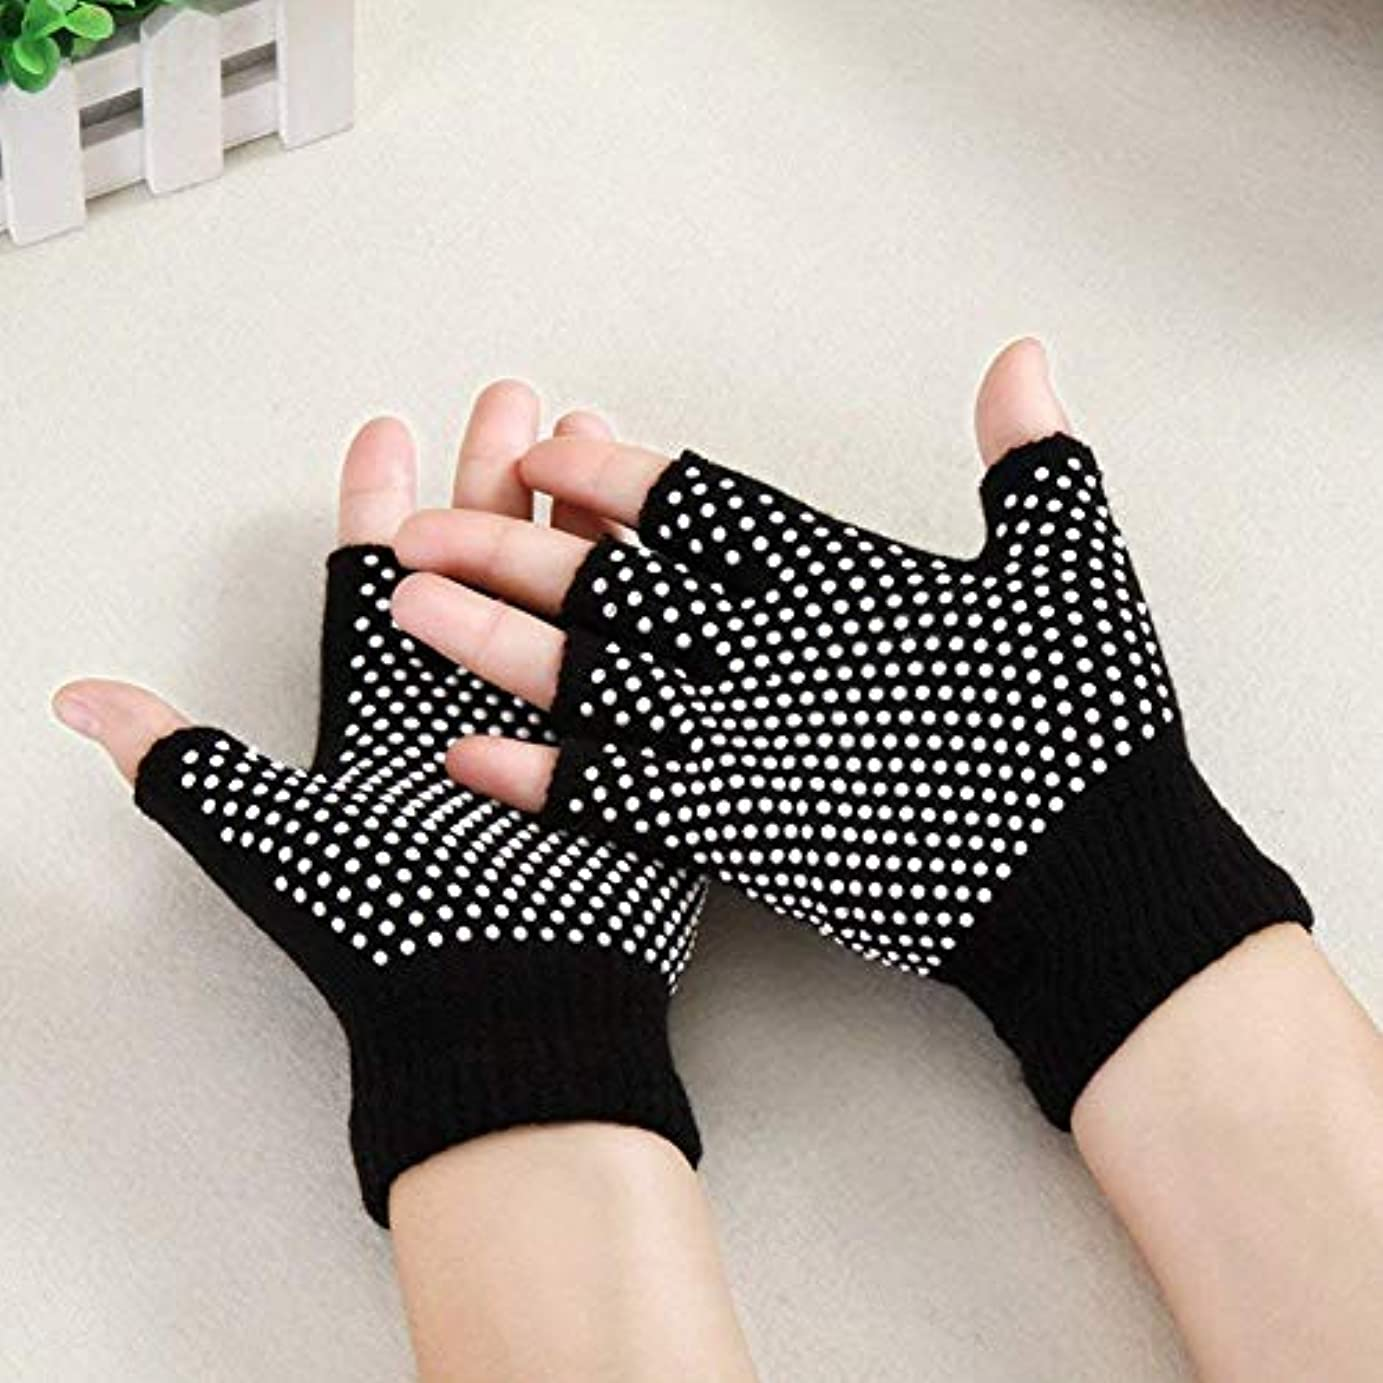 体細胞飼い慣らす酔ったTyou ヨガ手袋 ヨガ グローブ スポーツ手袋 指なし 手袋 指無しタイプ滑り止め付き 通気性 耐磨耗性 スポーツ グローブ 男女兼用